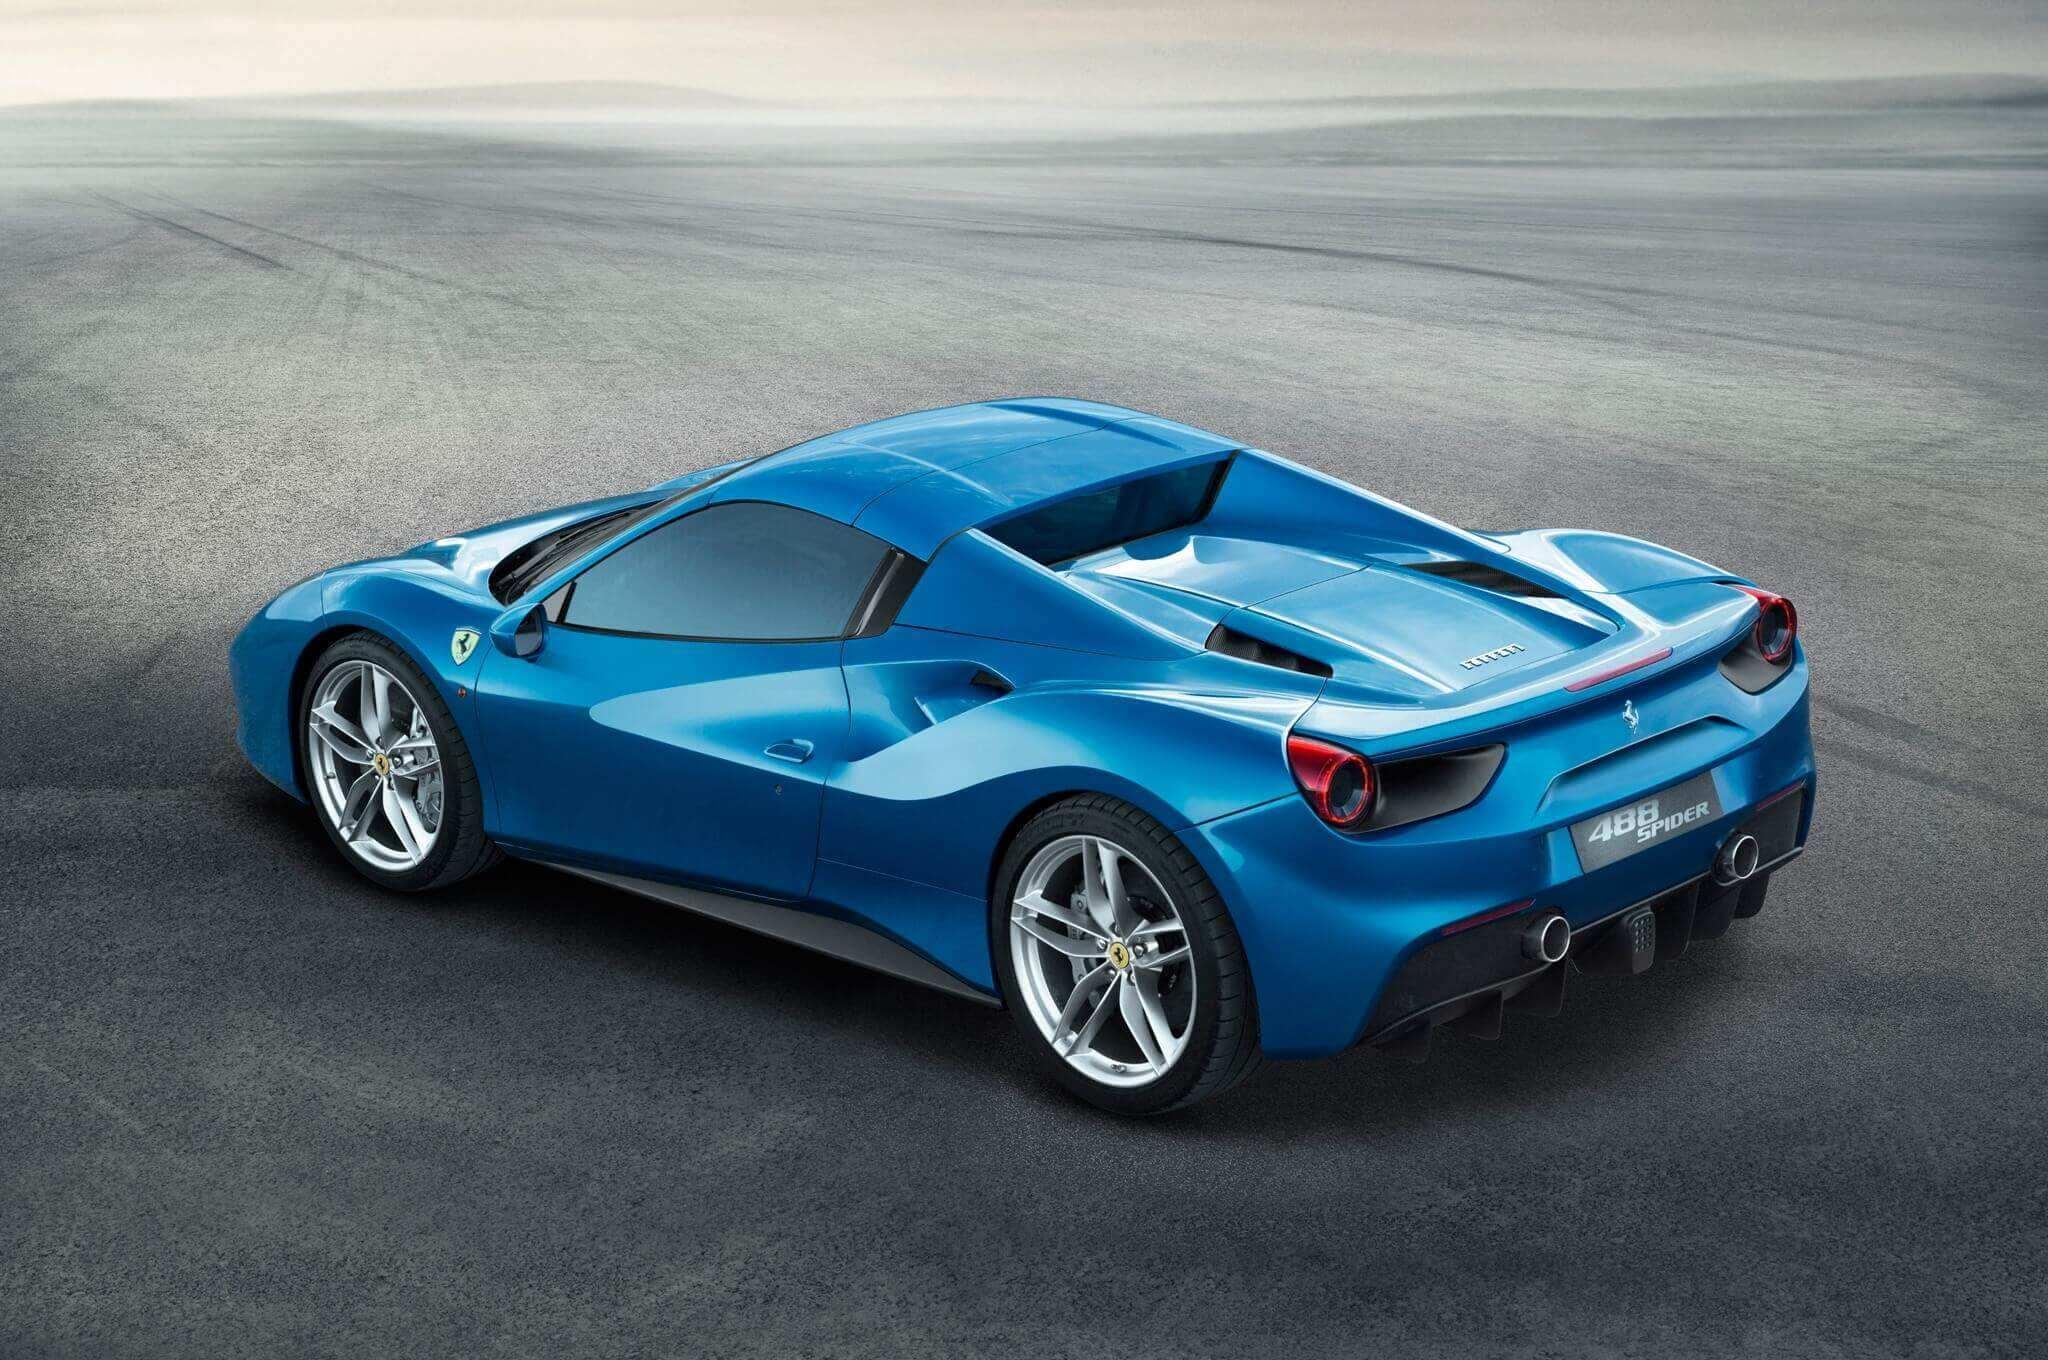 14 Concept of 2020 Ferrari 488 Spider Exterior Interior by 2020 Ferrari 488 Spider Exterior